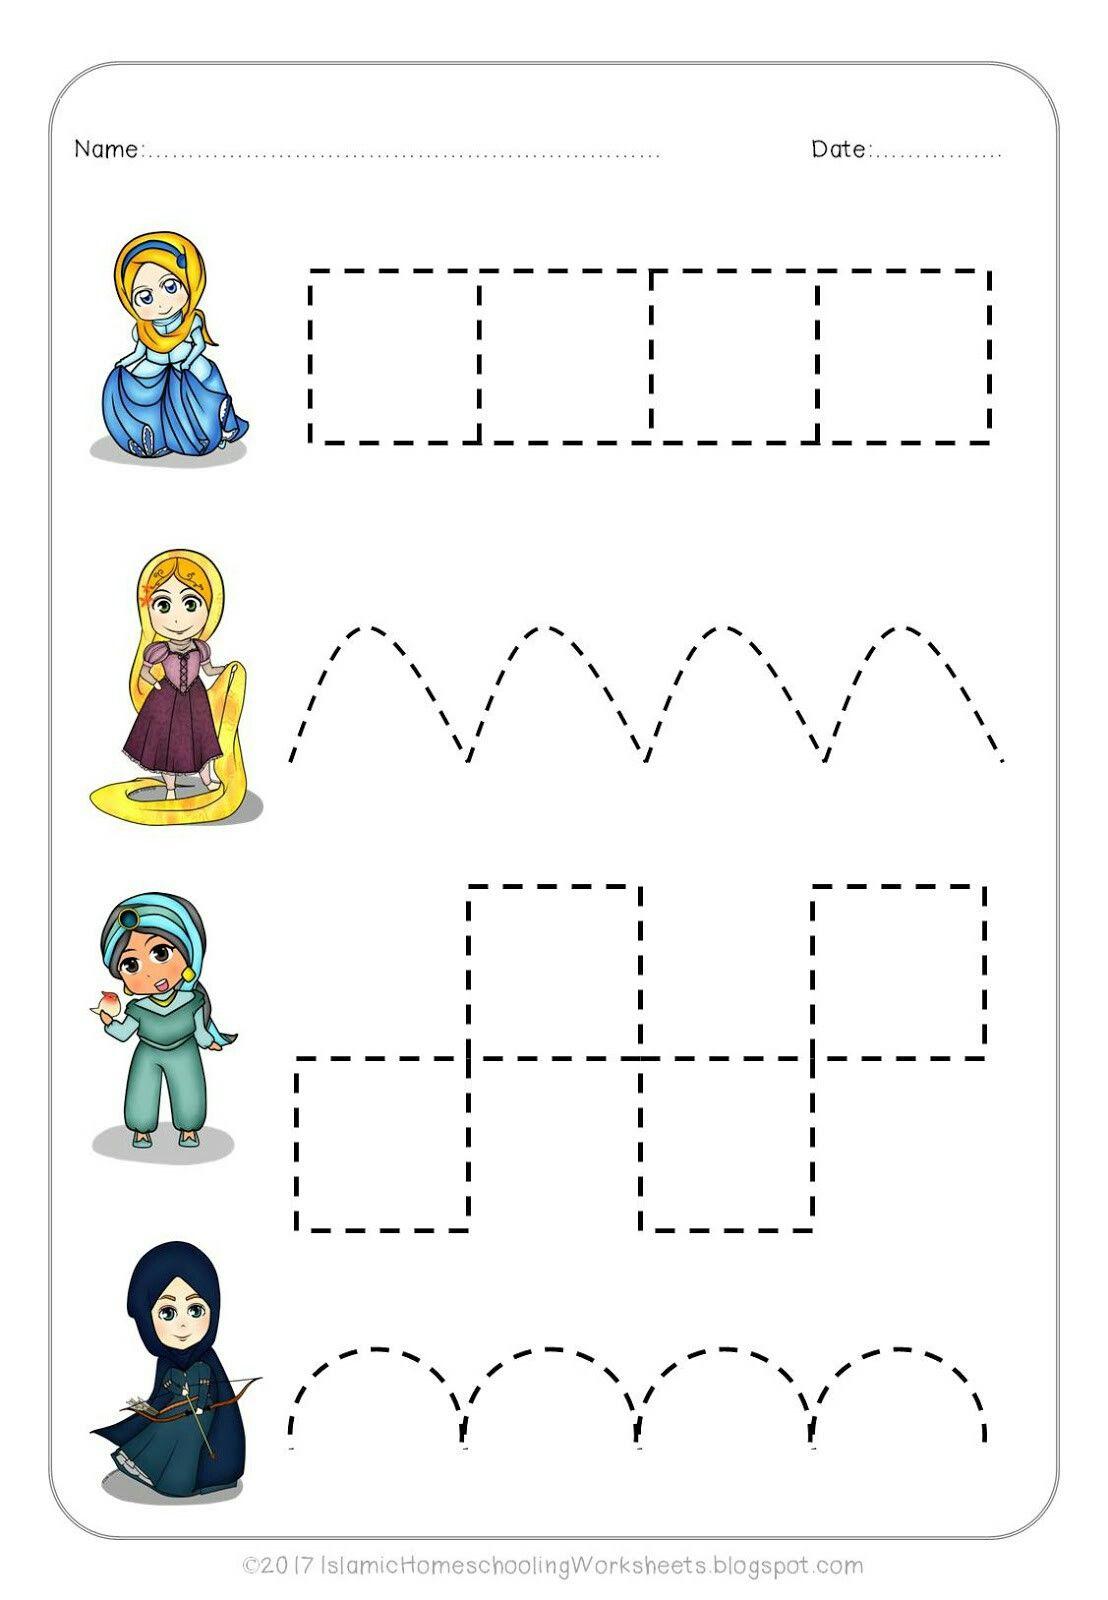 Disney Preschool Worksheets : Disney princess activities for preschoolers worksheet